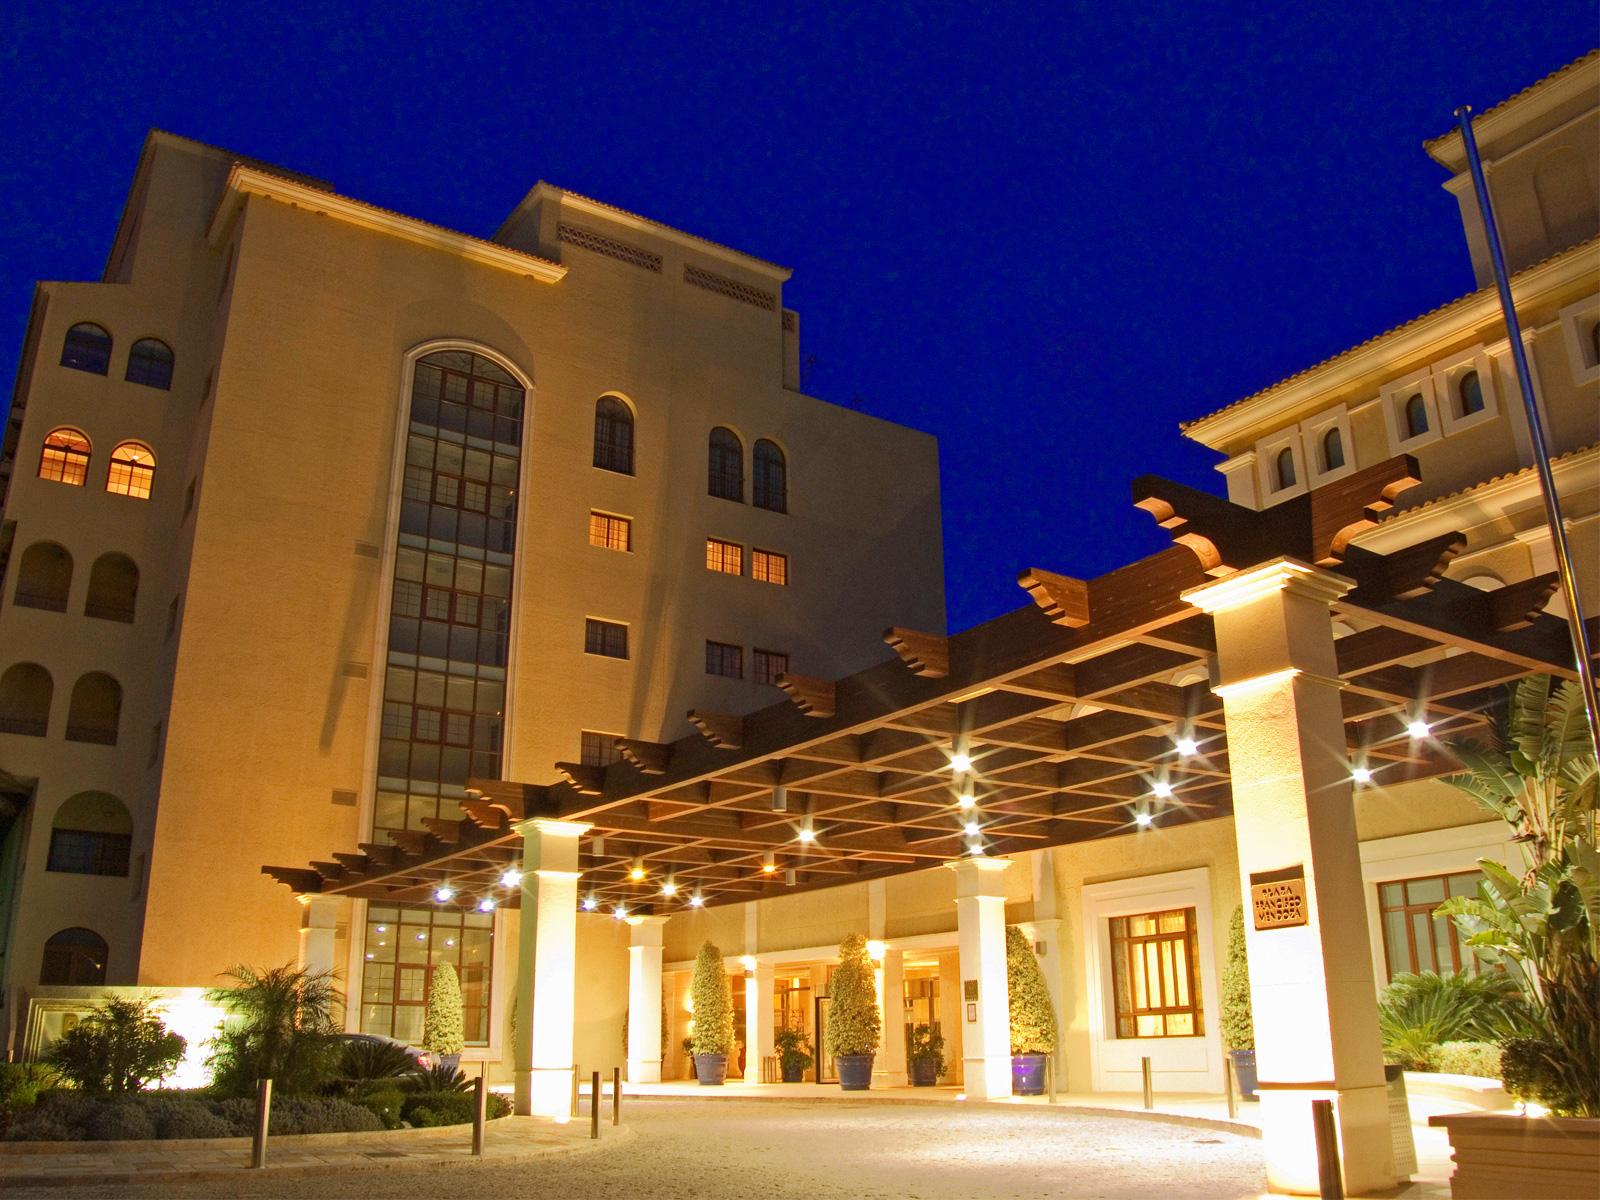 Façade-Wellness Hotel Almería - Vincci Hoteles